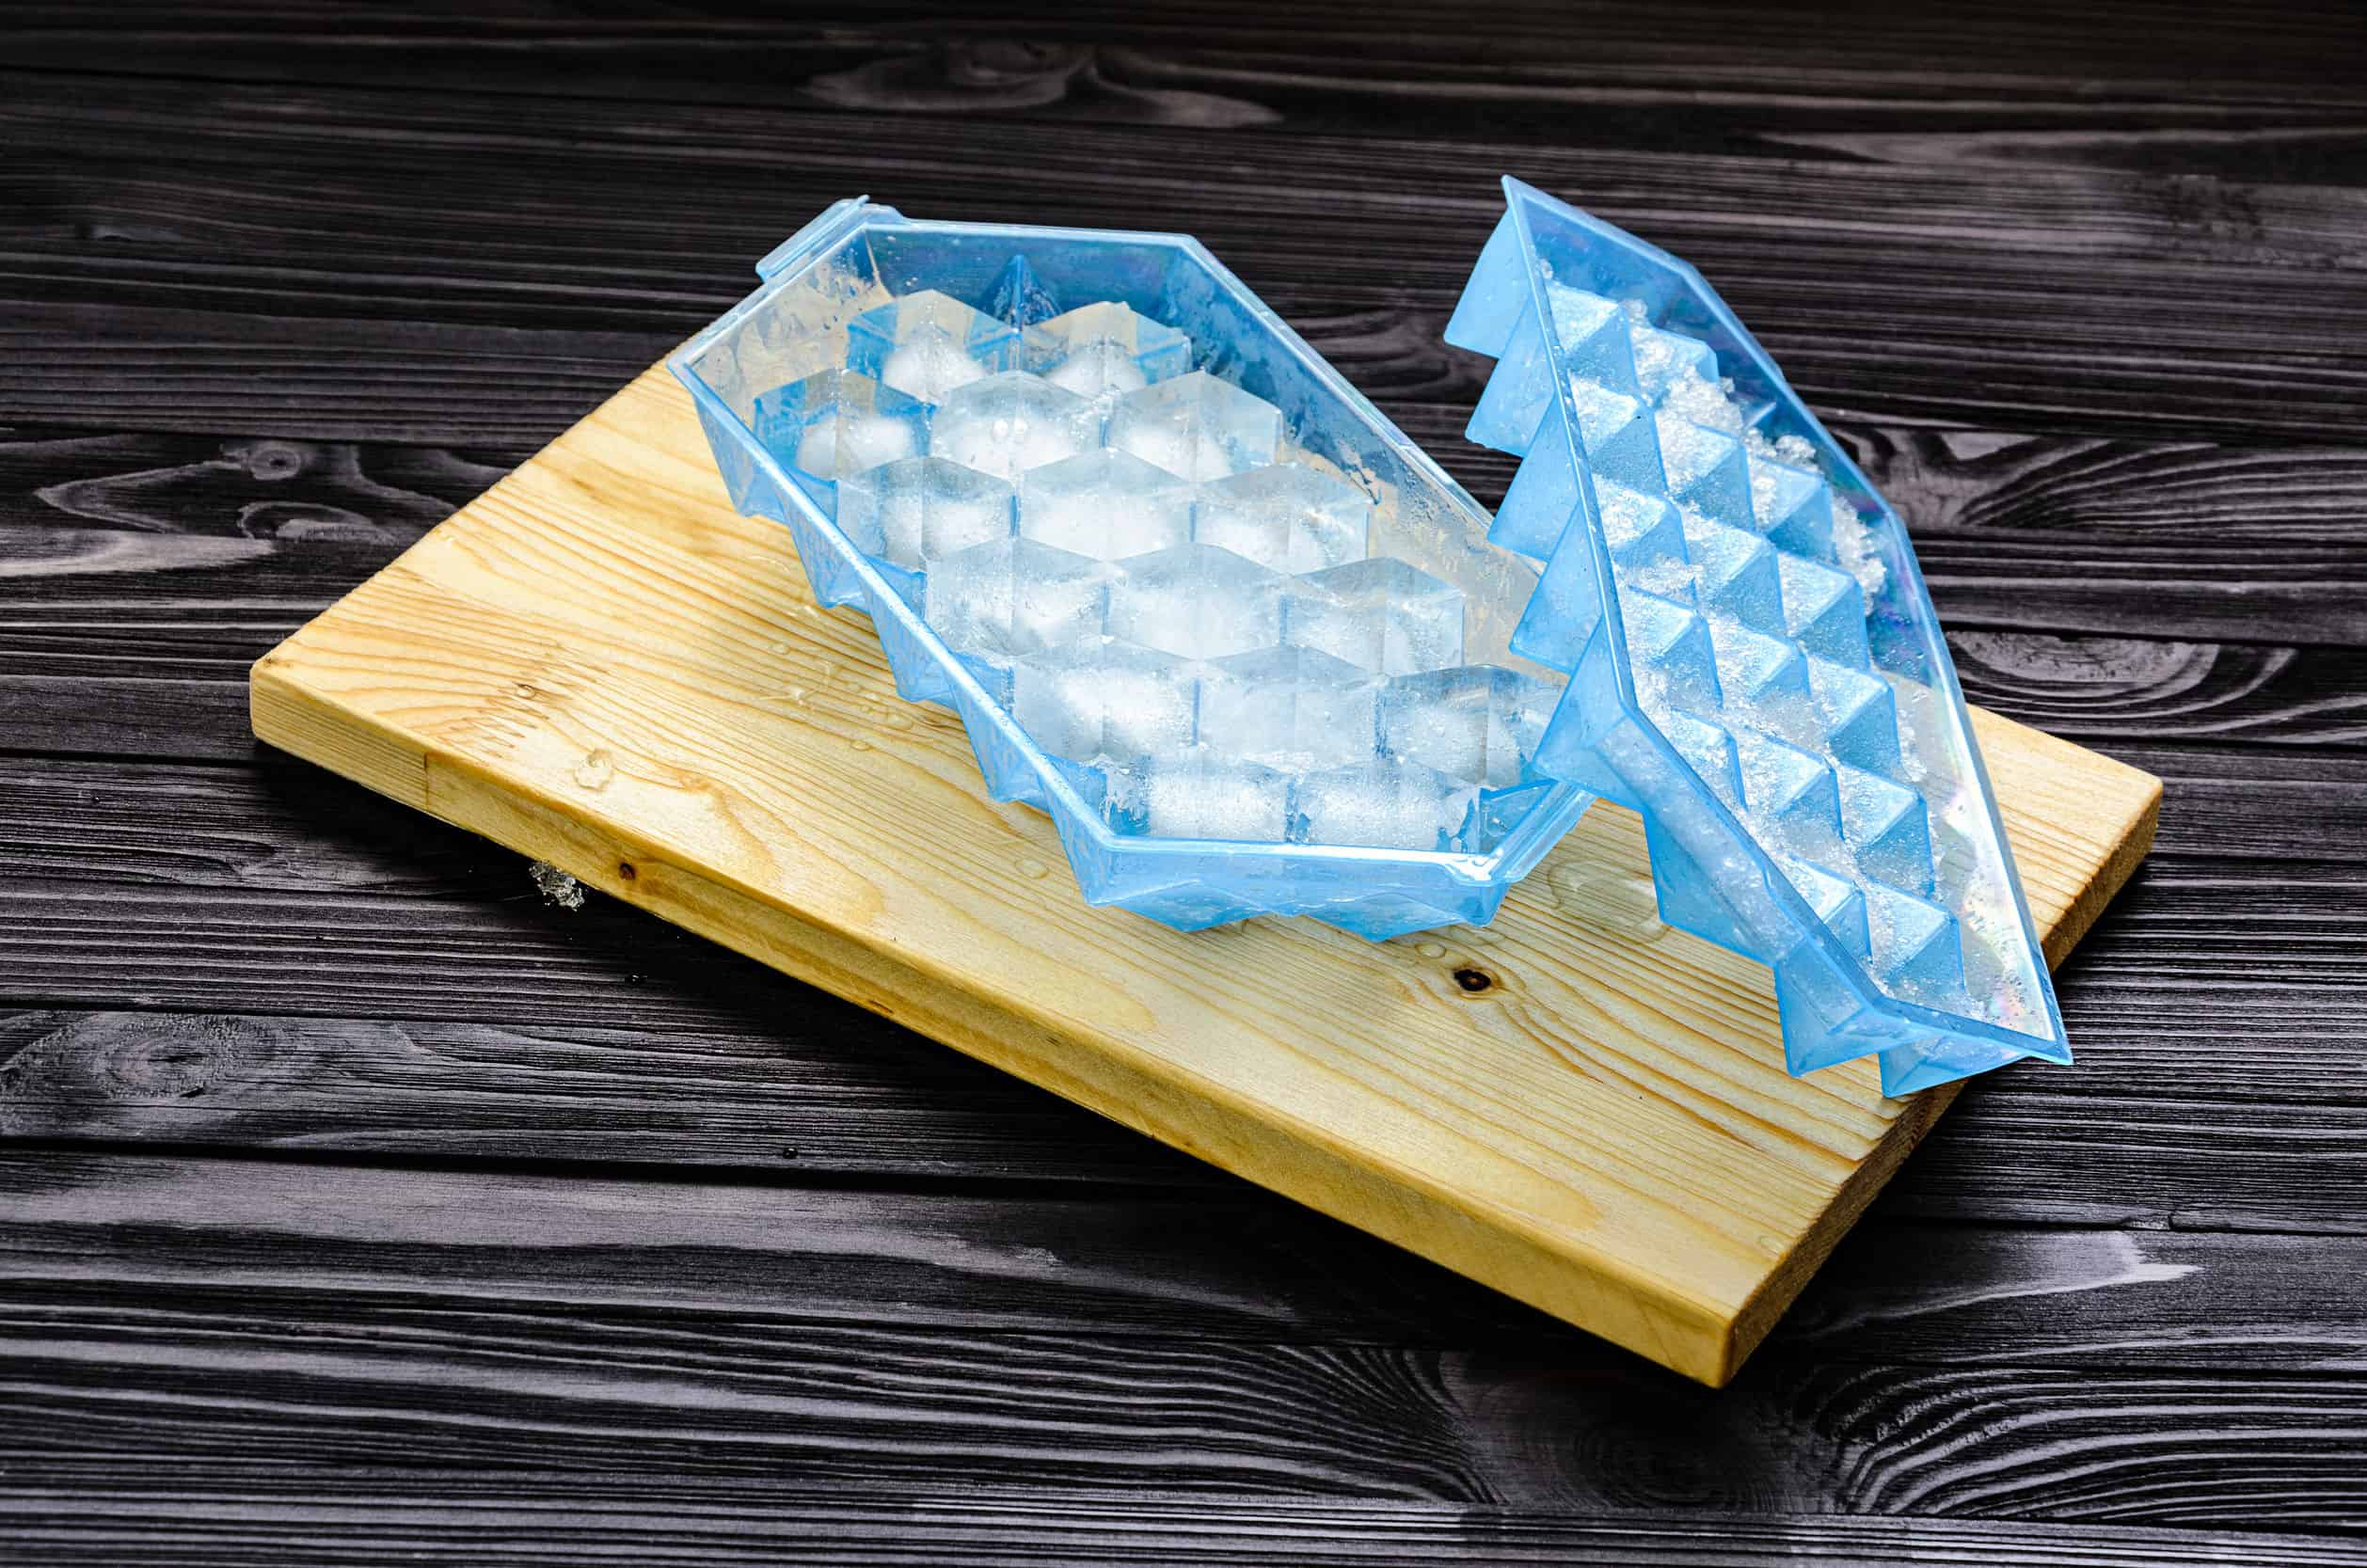 Na foto estão duas formas de gelo azuis em cima de uma tábua.